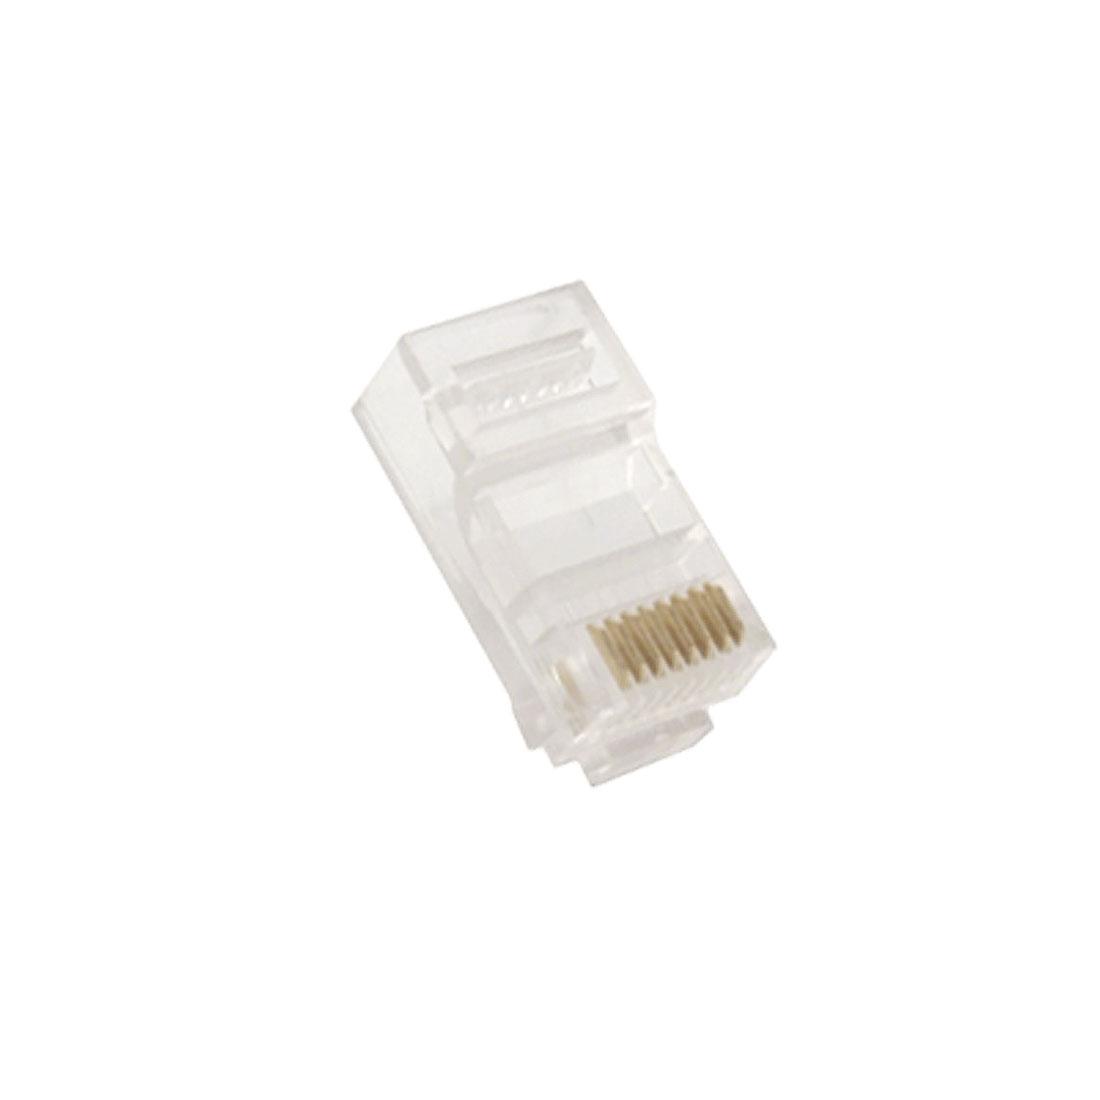 10 Pcs Network Ethernet CAT5e 8P8C 8 Pin RJ45 Connectors Jacks Clear